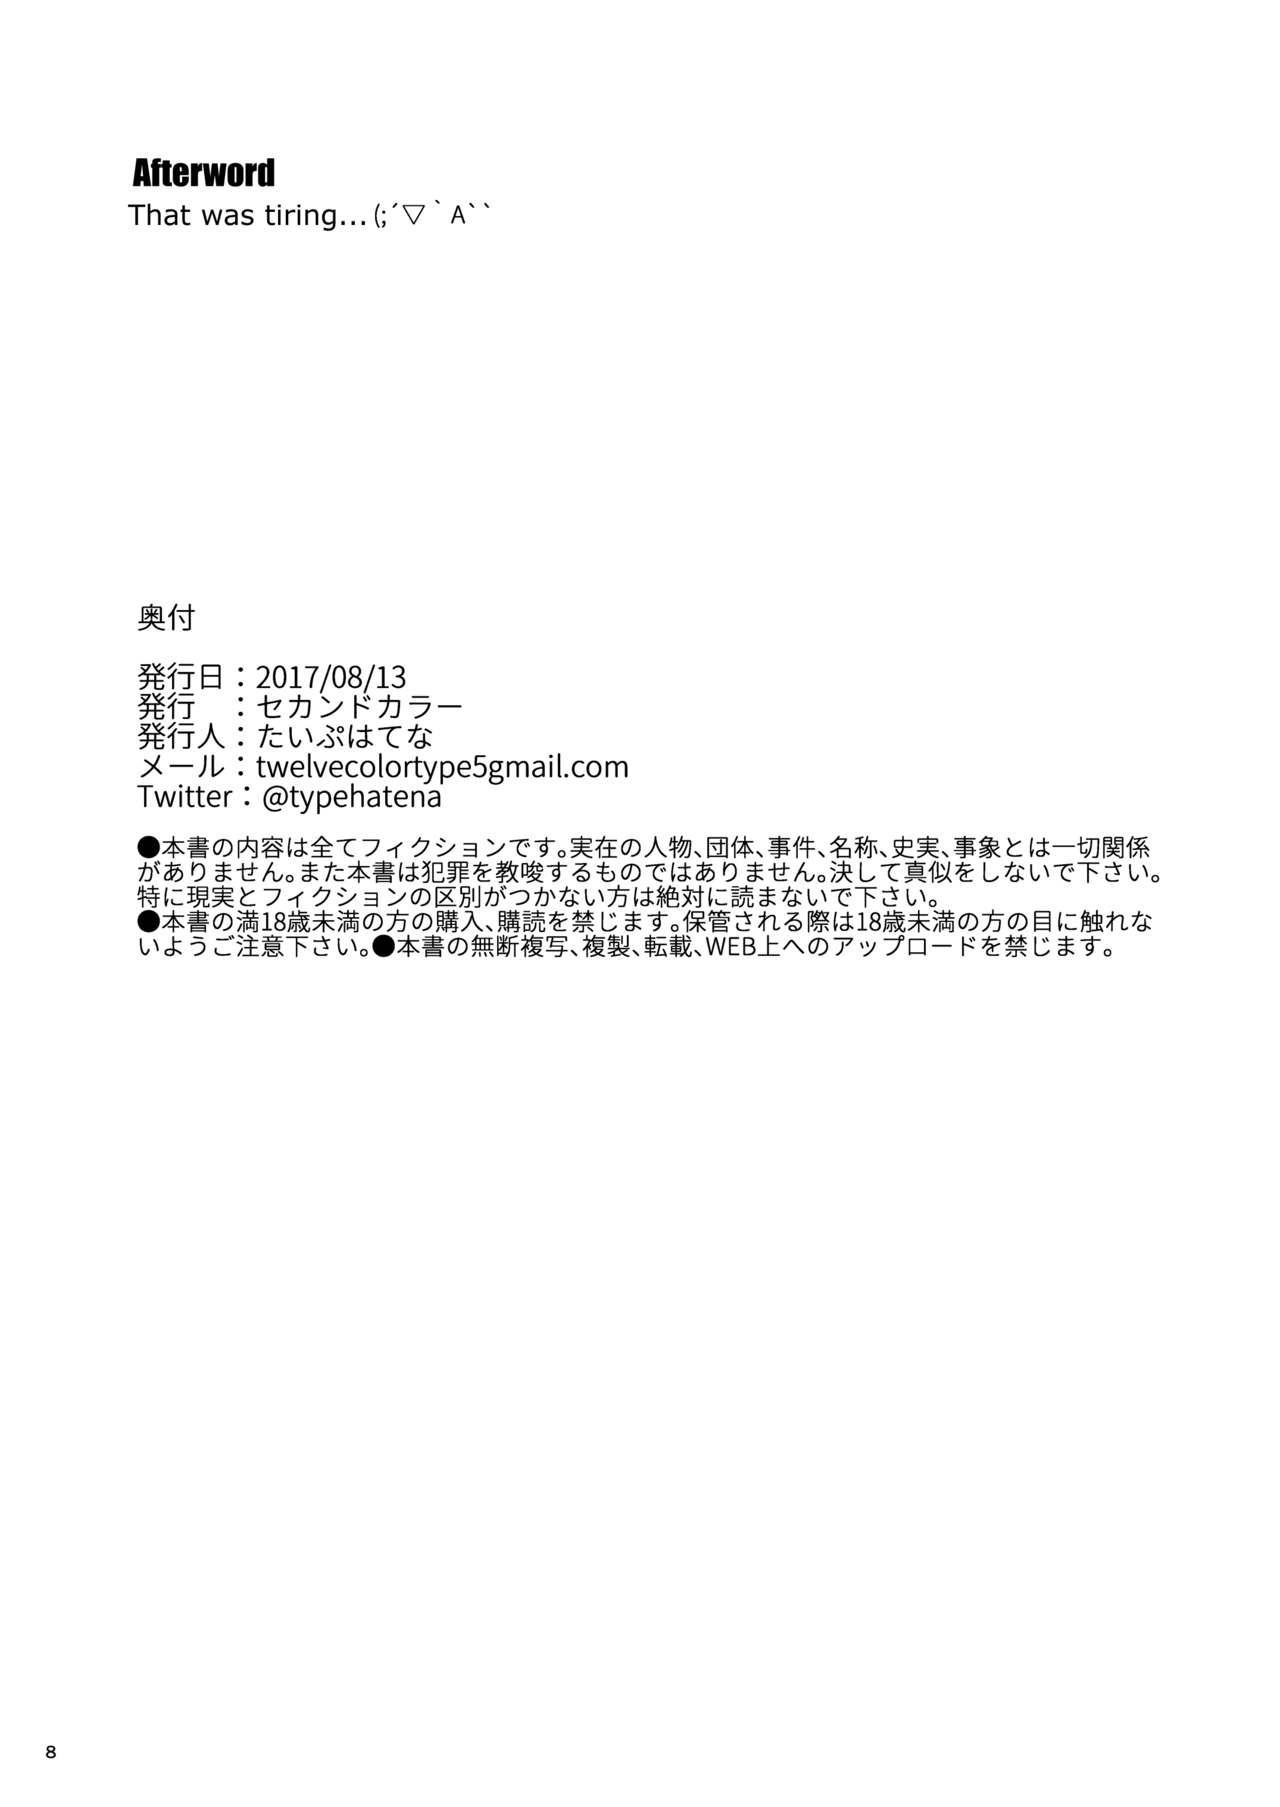 Kigumi no Machi o Aruitetara Oishisou na Kodomo ga Ita node Gochisou ni Narimashita 7